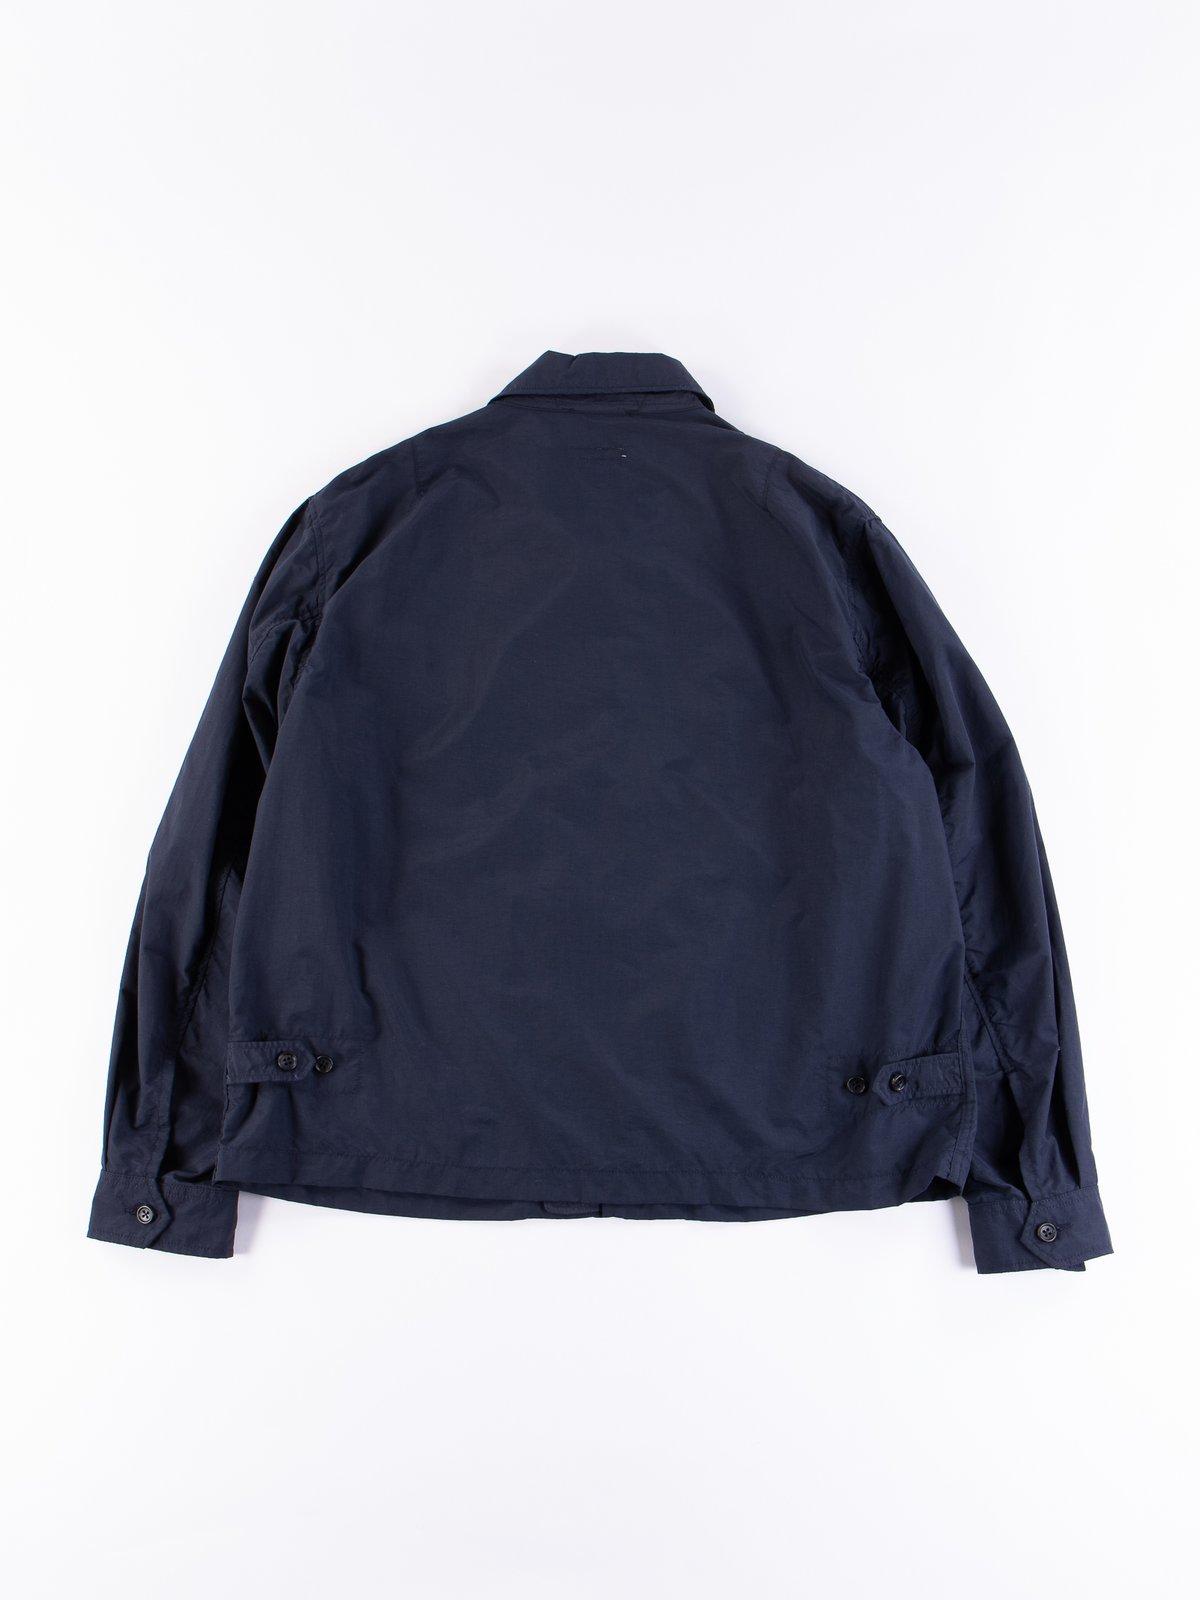 Navy Acrylic Coated Nylon Taffeta Driver Jacket - Image 5